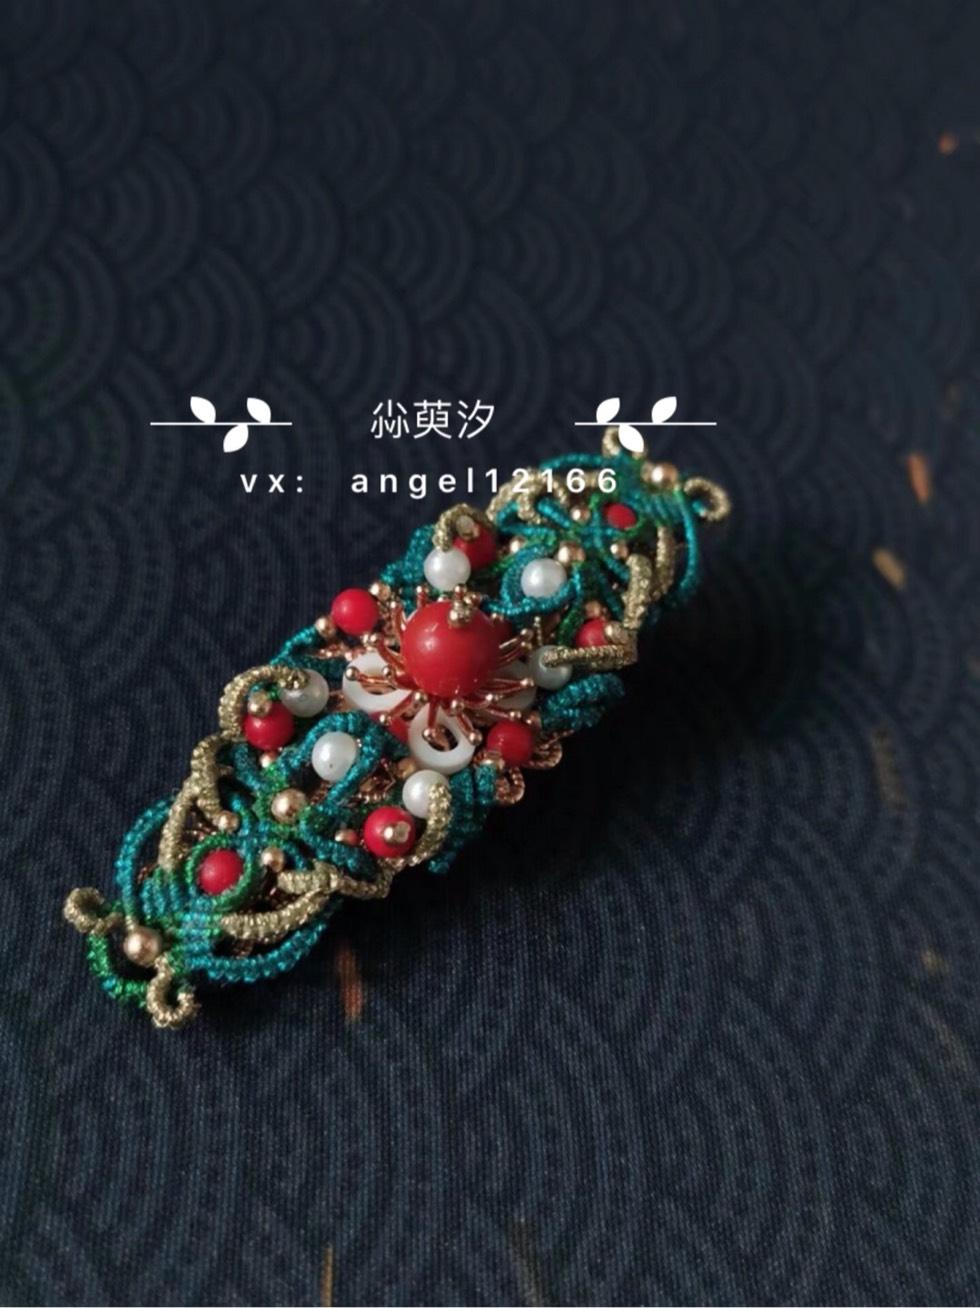 中国结论坛 古风款发夹 古风蝴蝶结发夹 作品展示 154051df8r09o8sol8l4vl